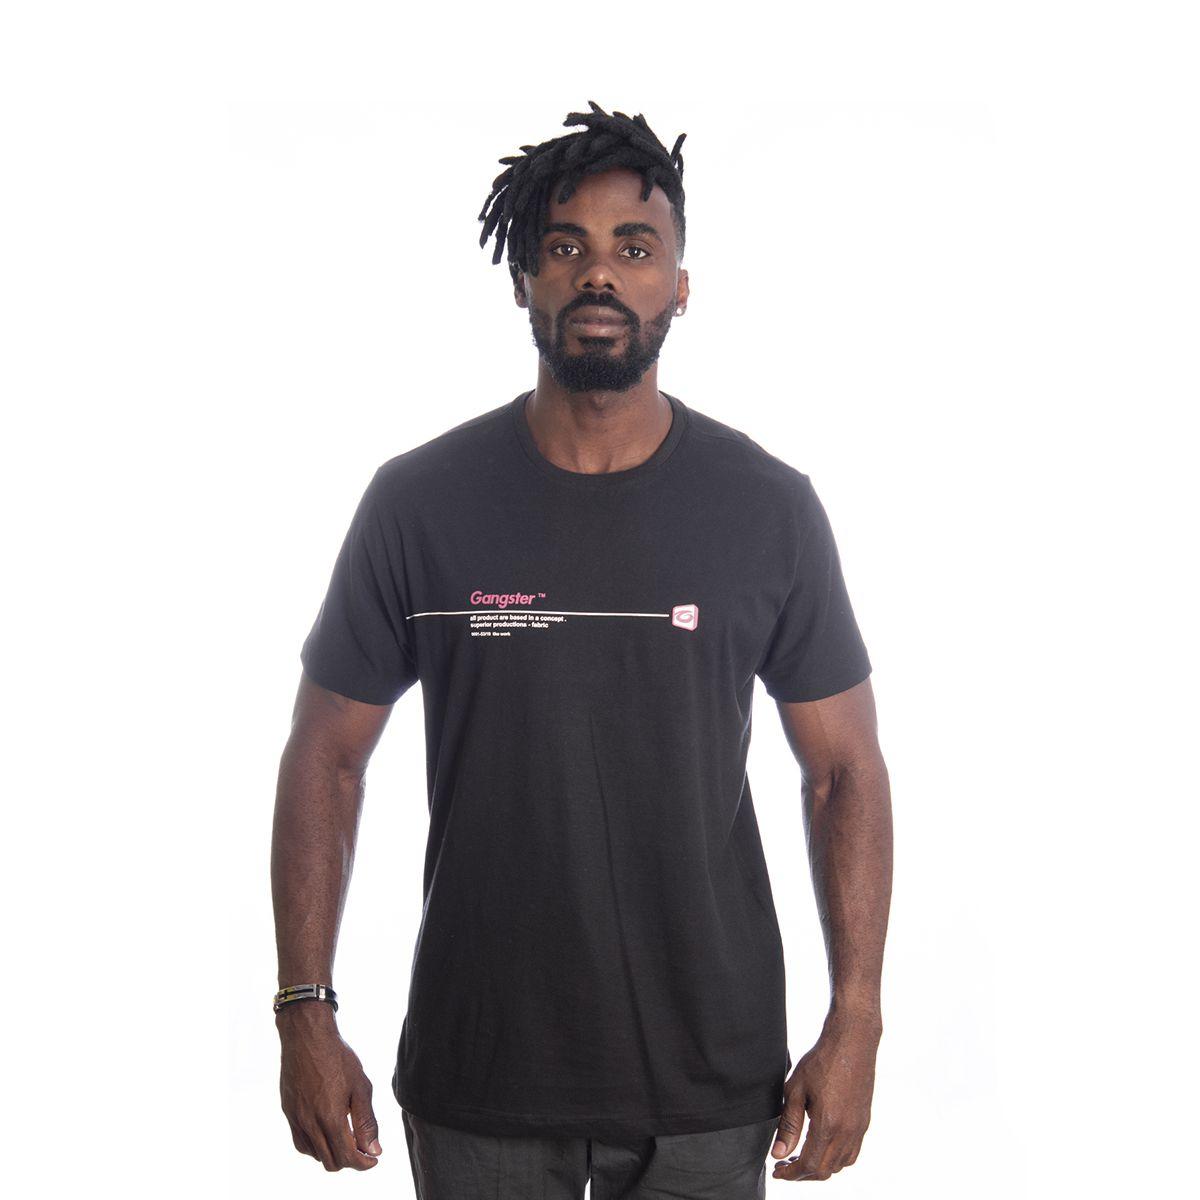 Camiseta Masculina Algodão Gangster Clássica 10.01.9490